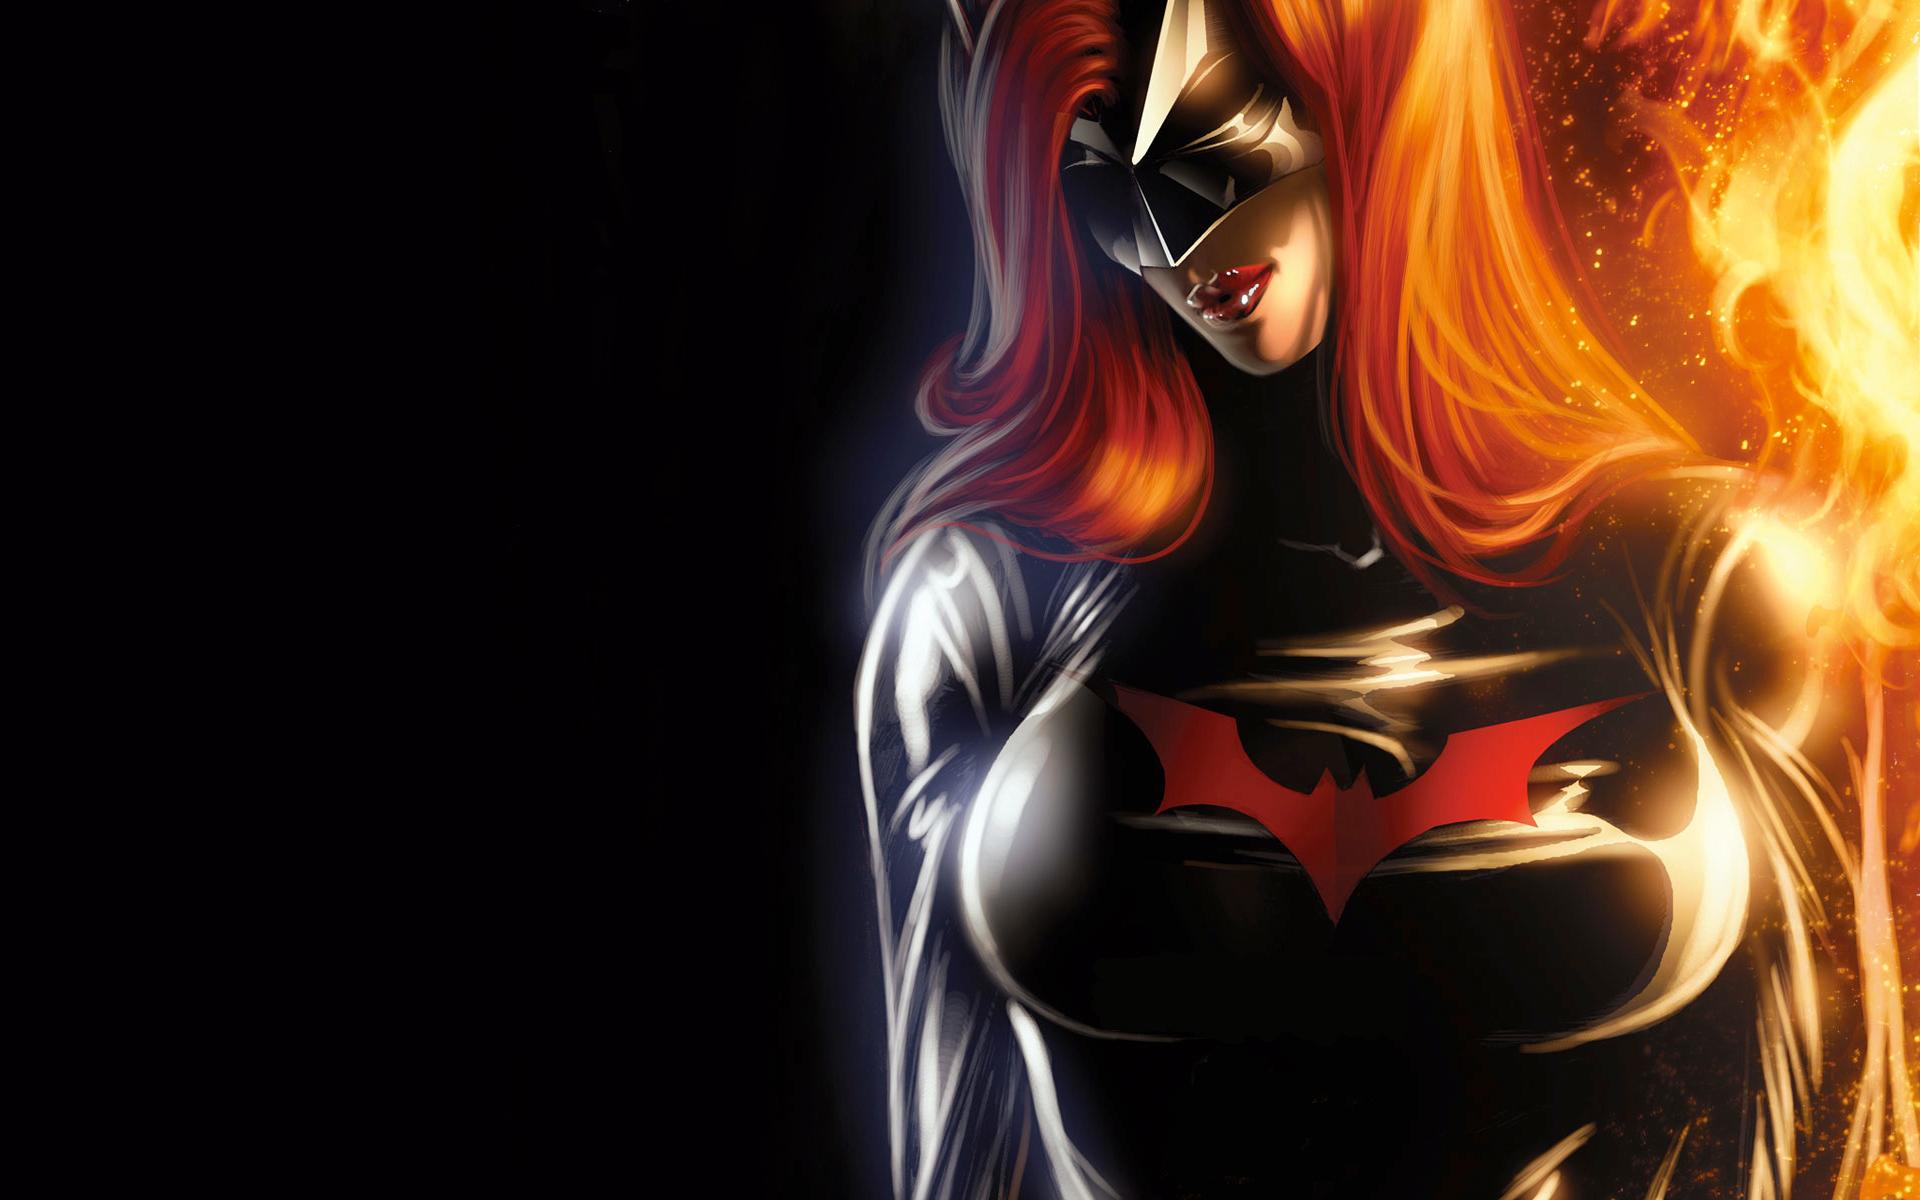 Comics - Batgirl Wallpaper